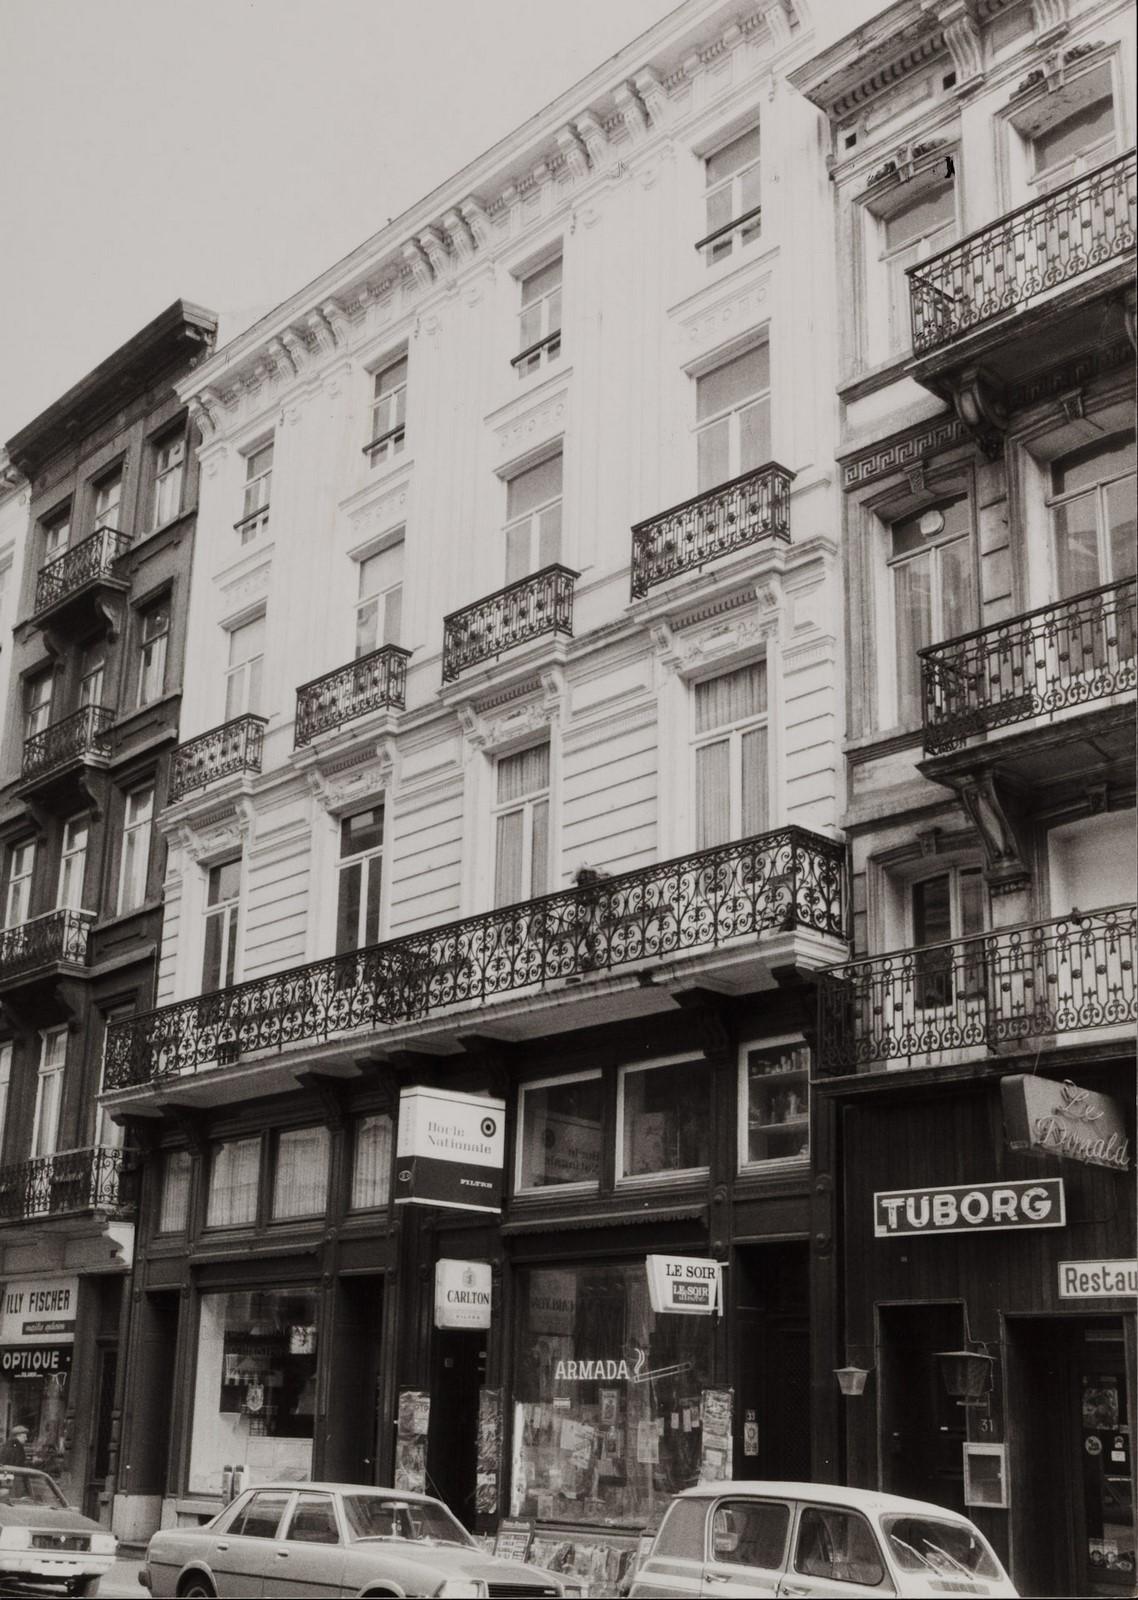 rue de l'Enseignement 37-39, 33-35., 1981